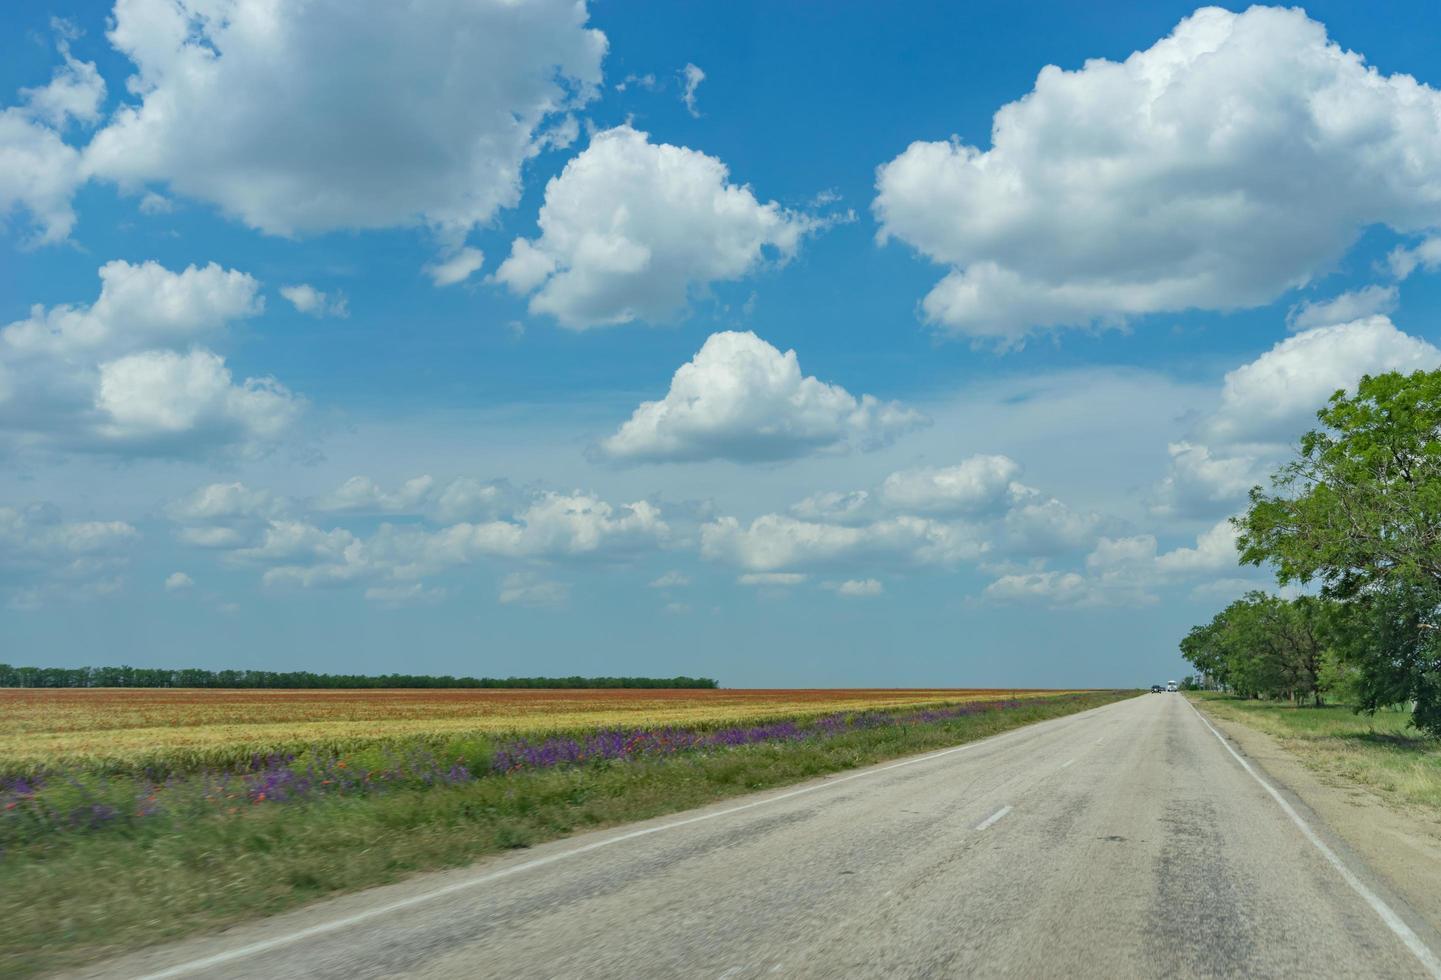 paesaggio con vista sulla strada foto